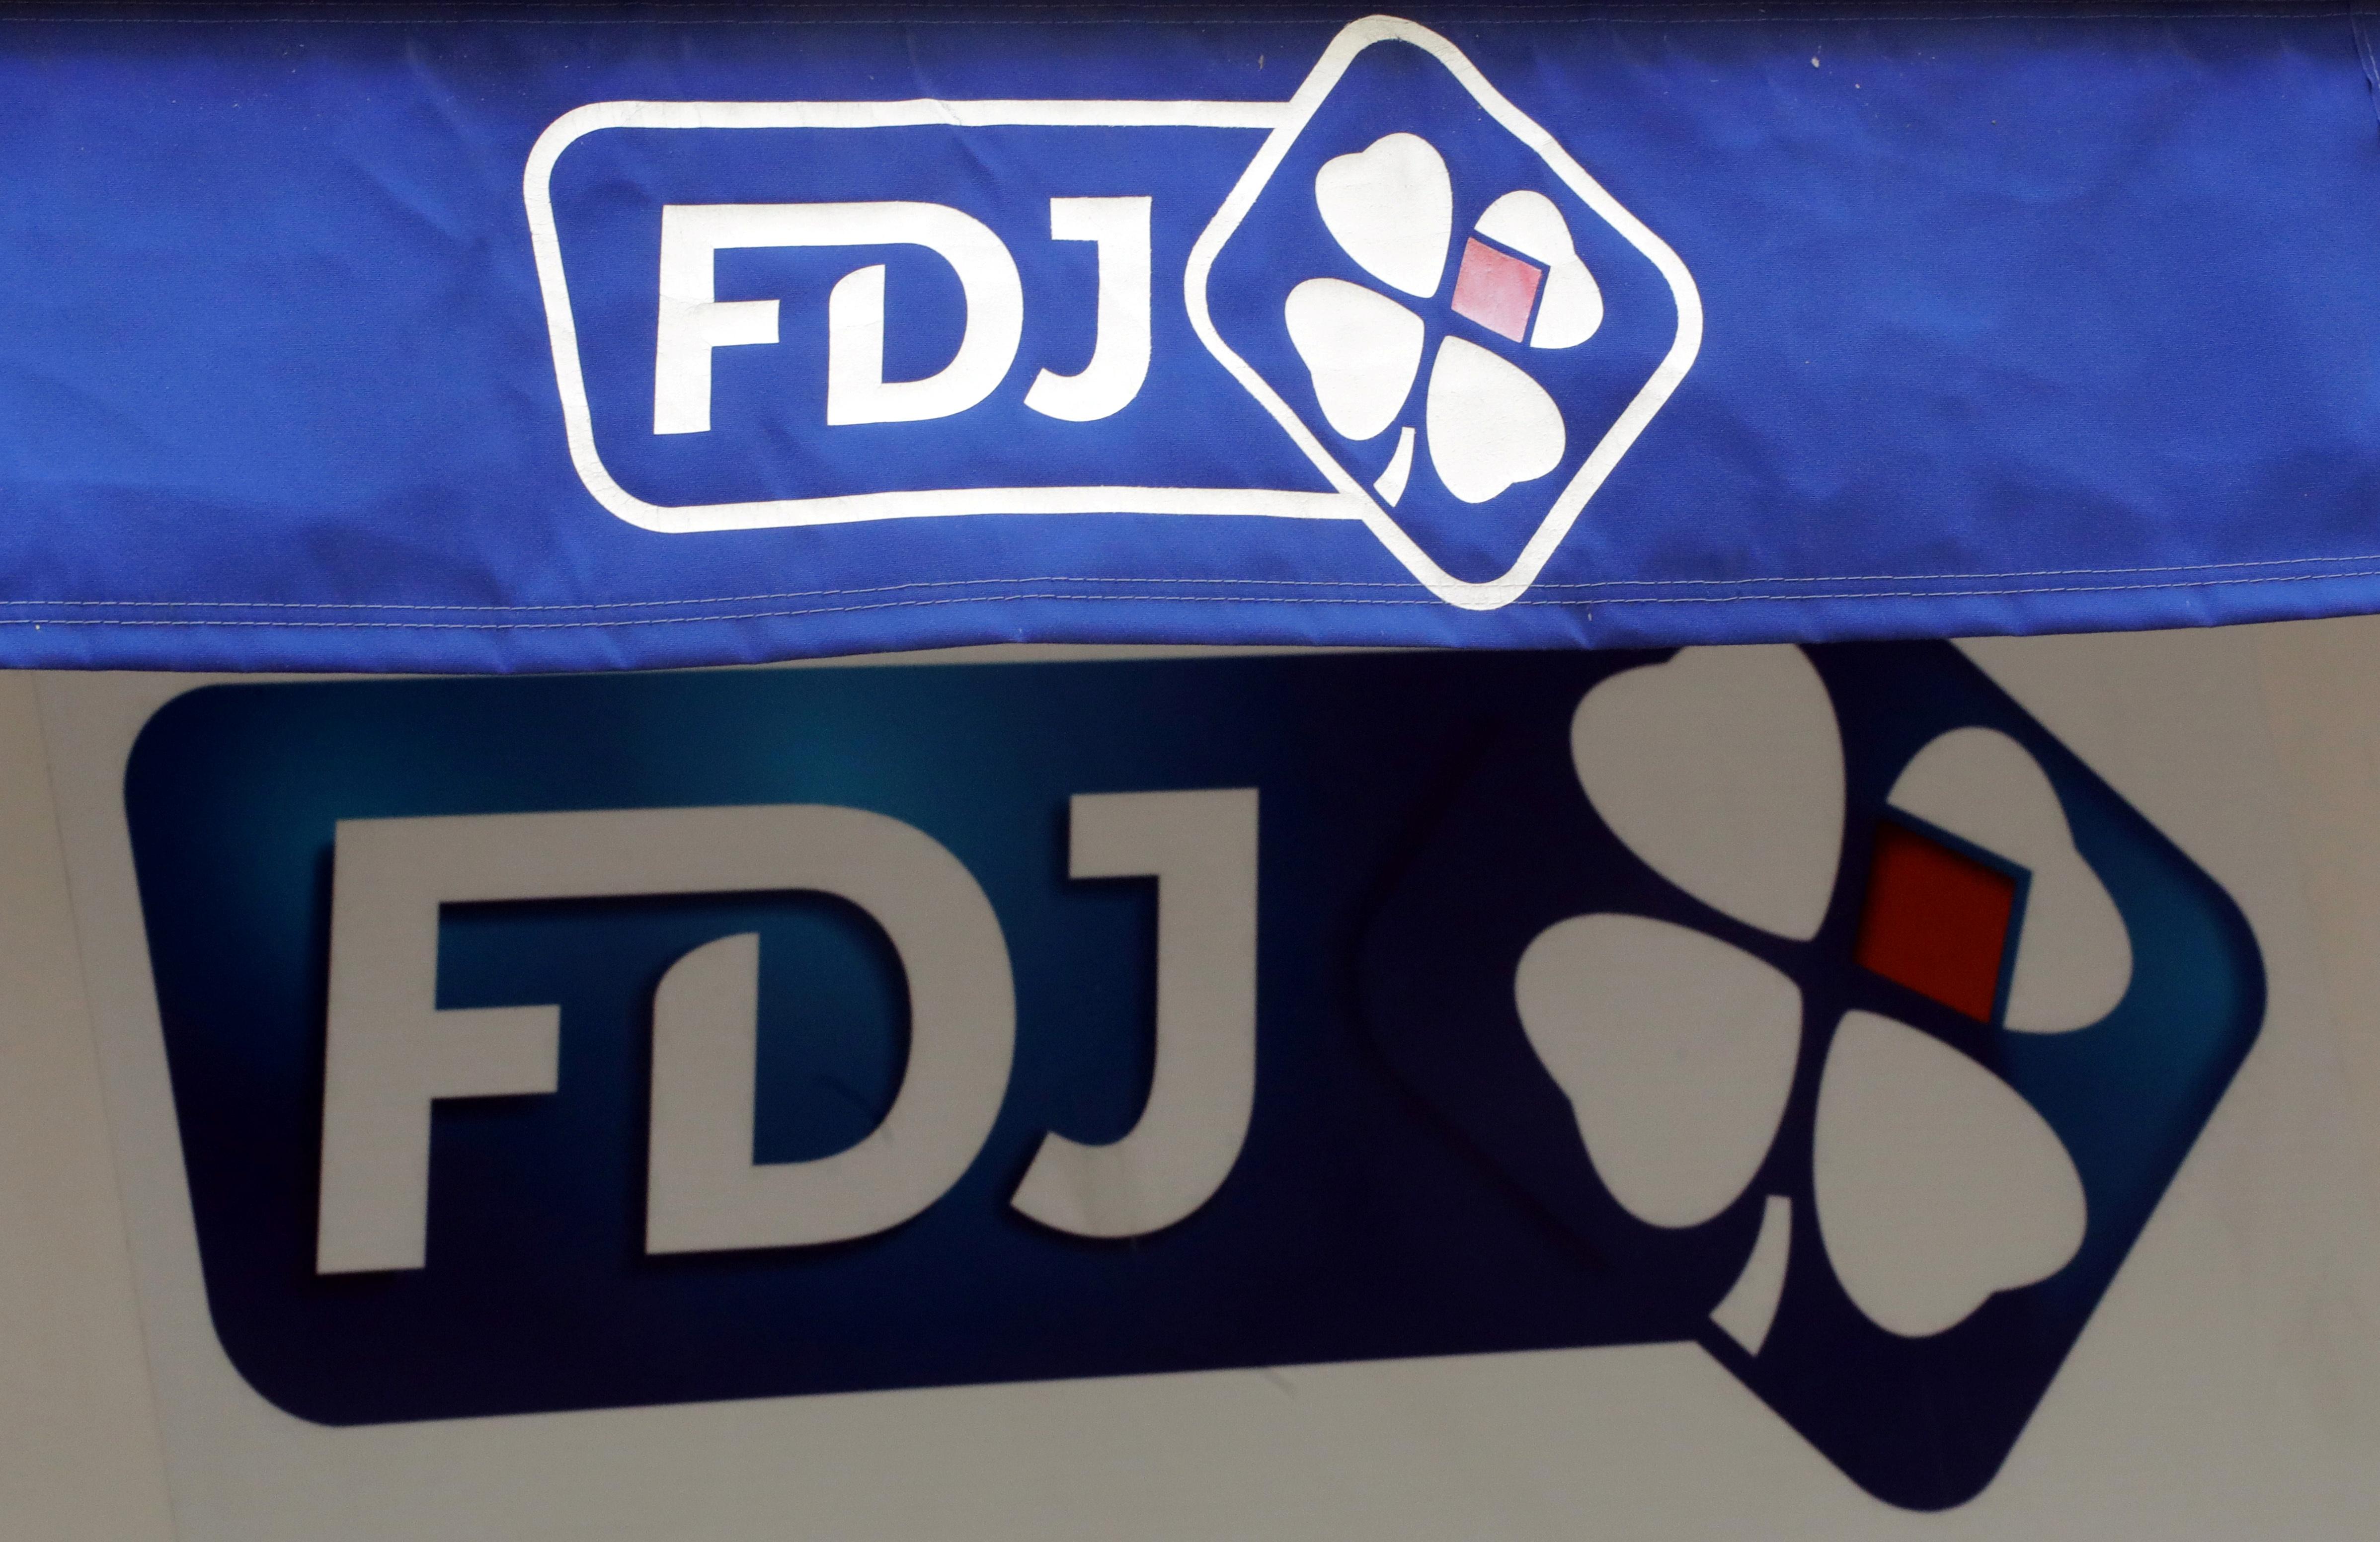 Française des jeux (FDJ) : un intérêt